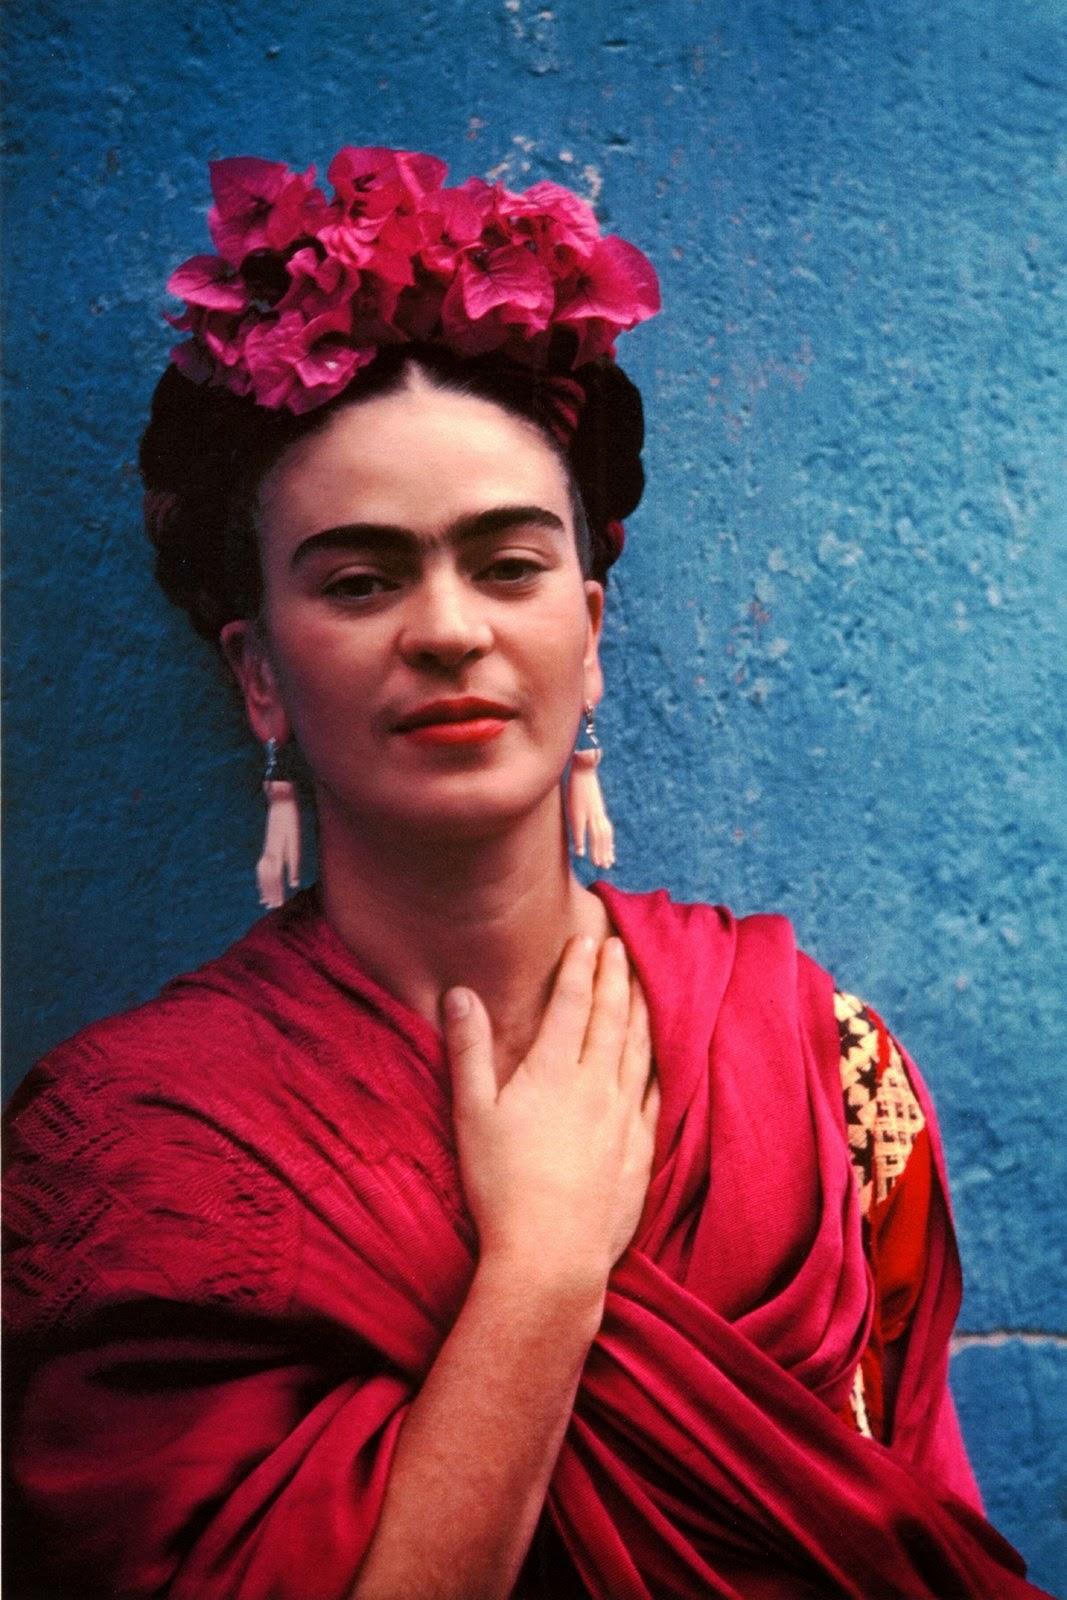 http://1.bp.blogspot.com/-ccEepFvB010/ThPunZnzm6I/AAAAAAAAAOg/qiQGvbOg_uI/s1600/FridaKahlo.jpg